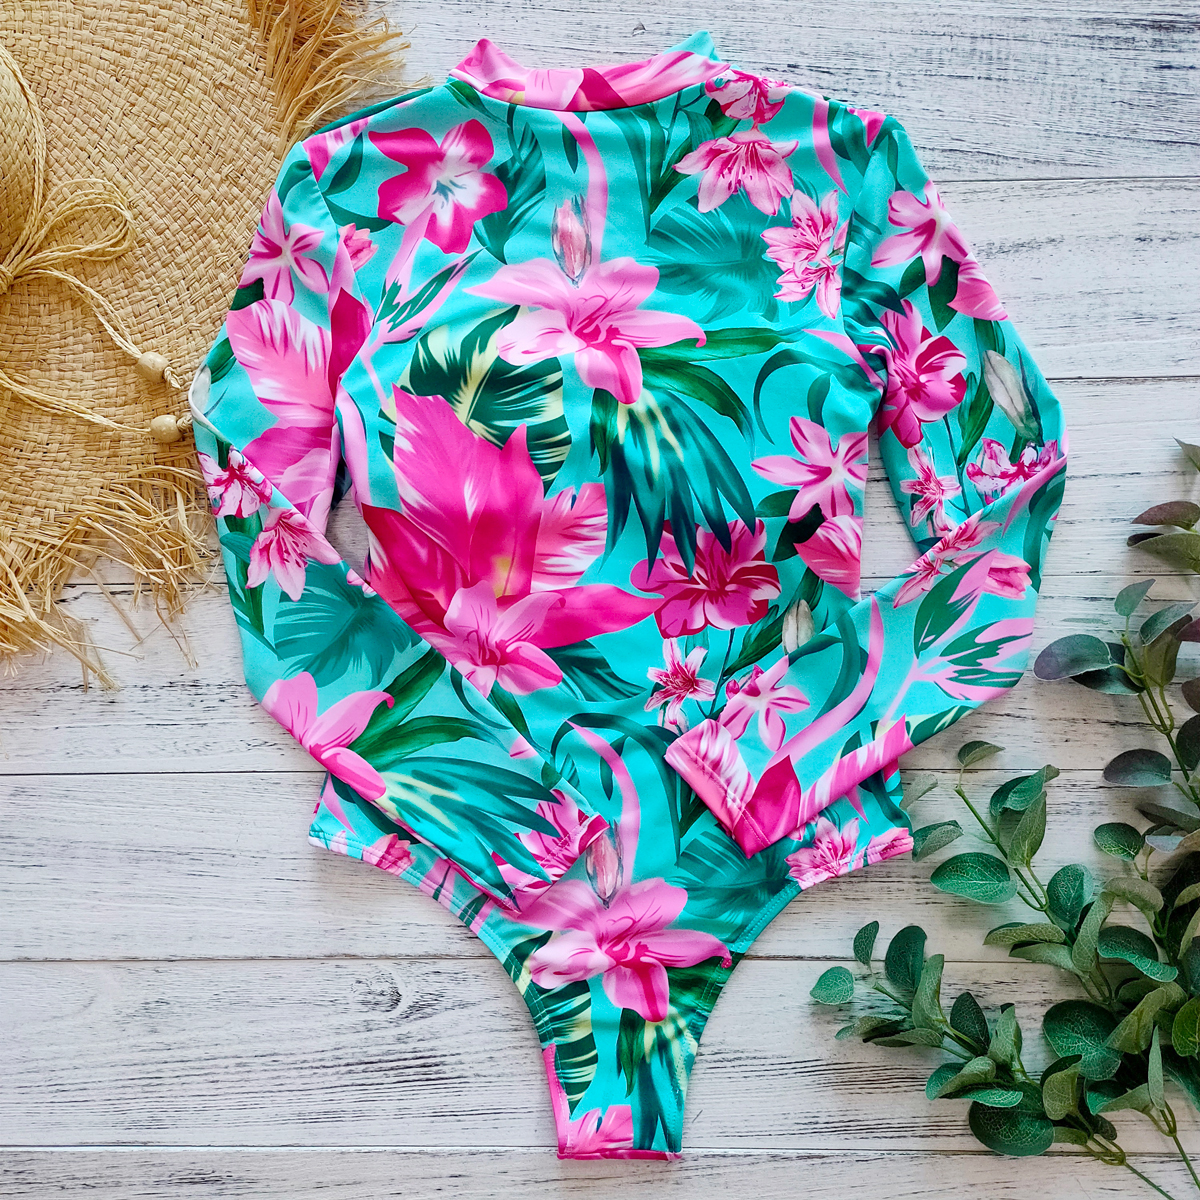 Цельный купальный костюм с принтом, одежда для плавания с длинным рукавом, женский купальный костюм, ретро купальник, винтажный цельный купальный костюм для серфинга